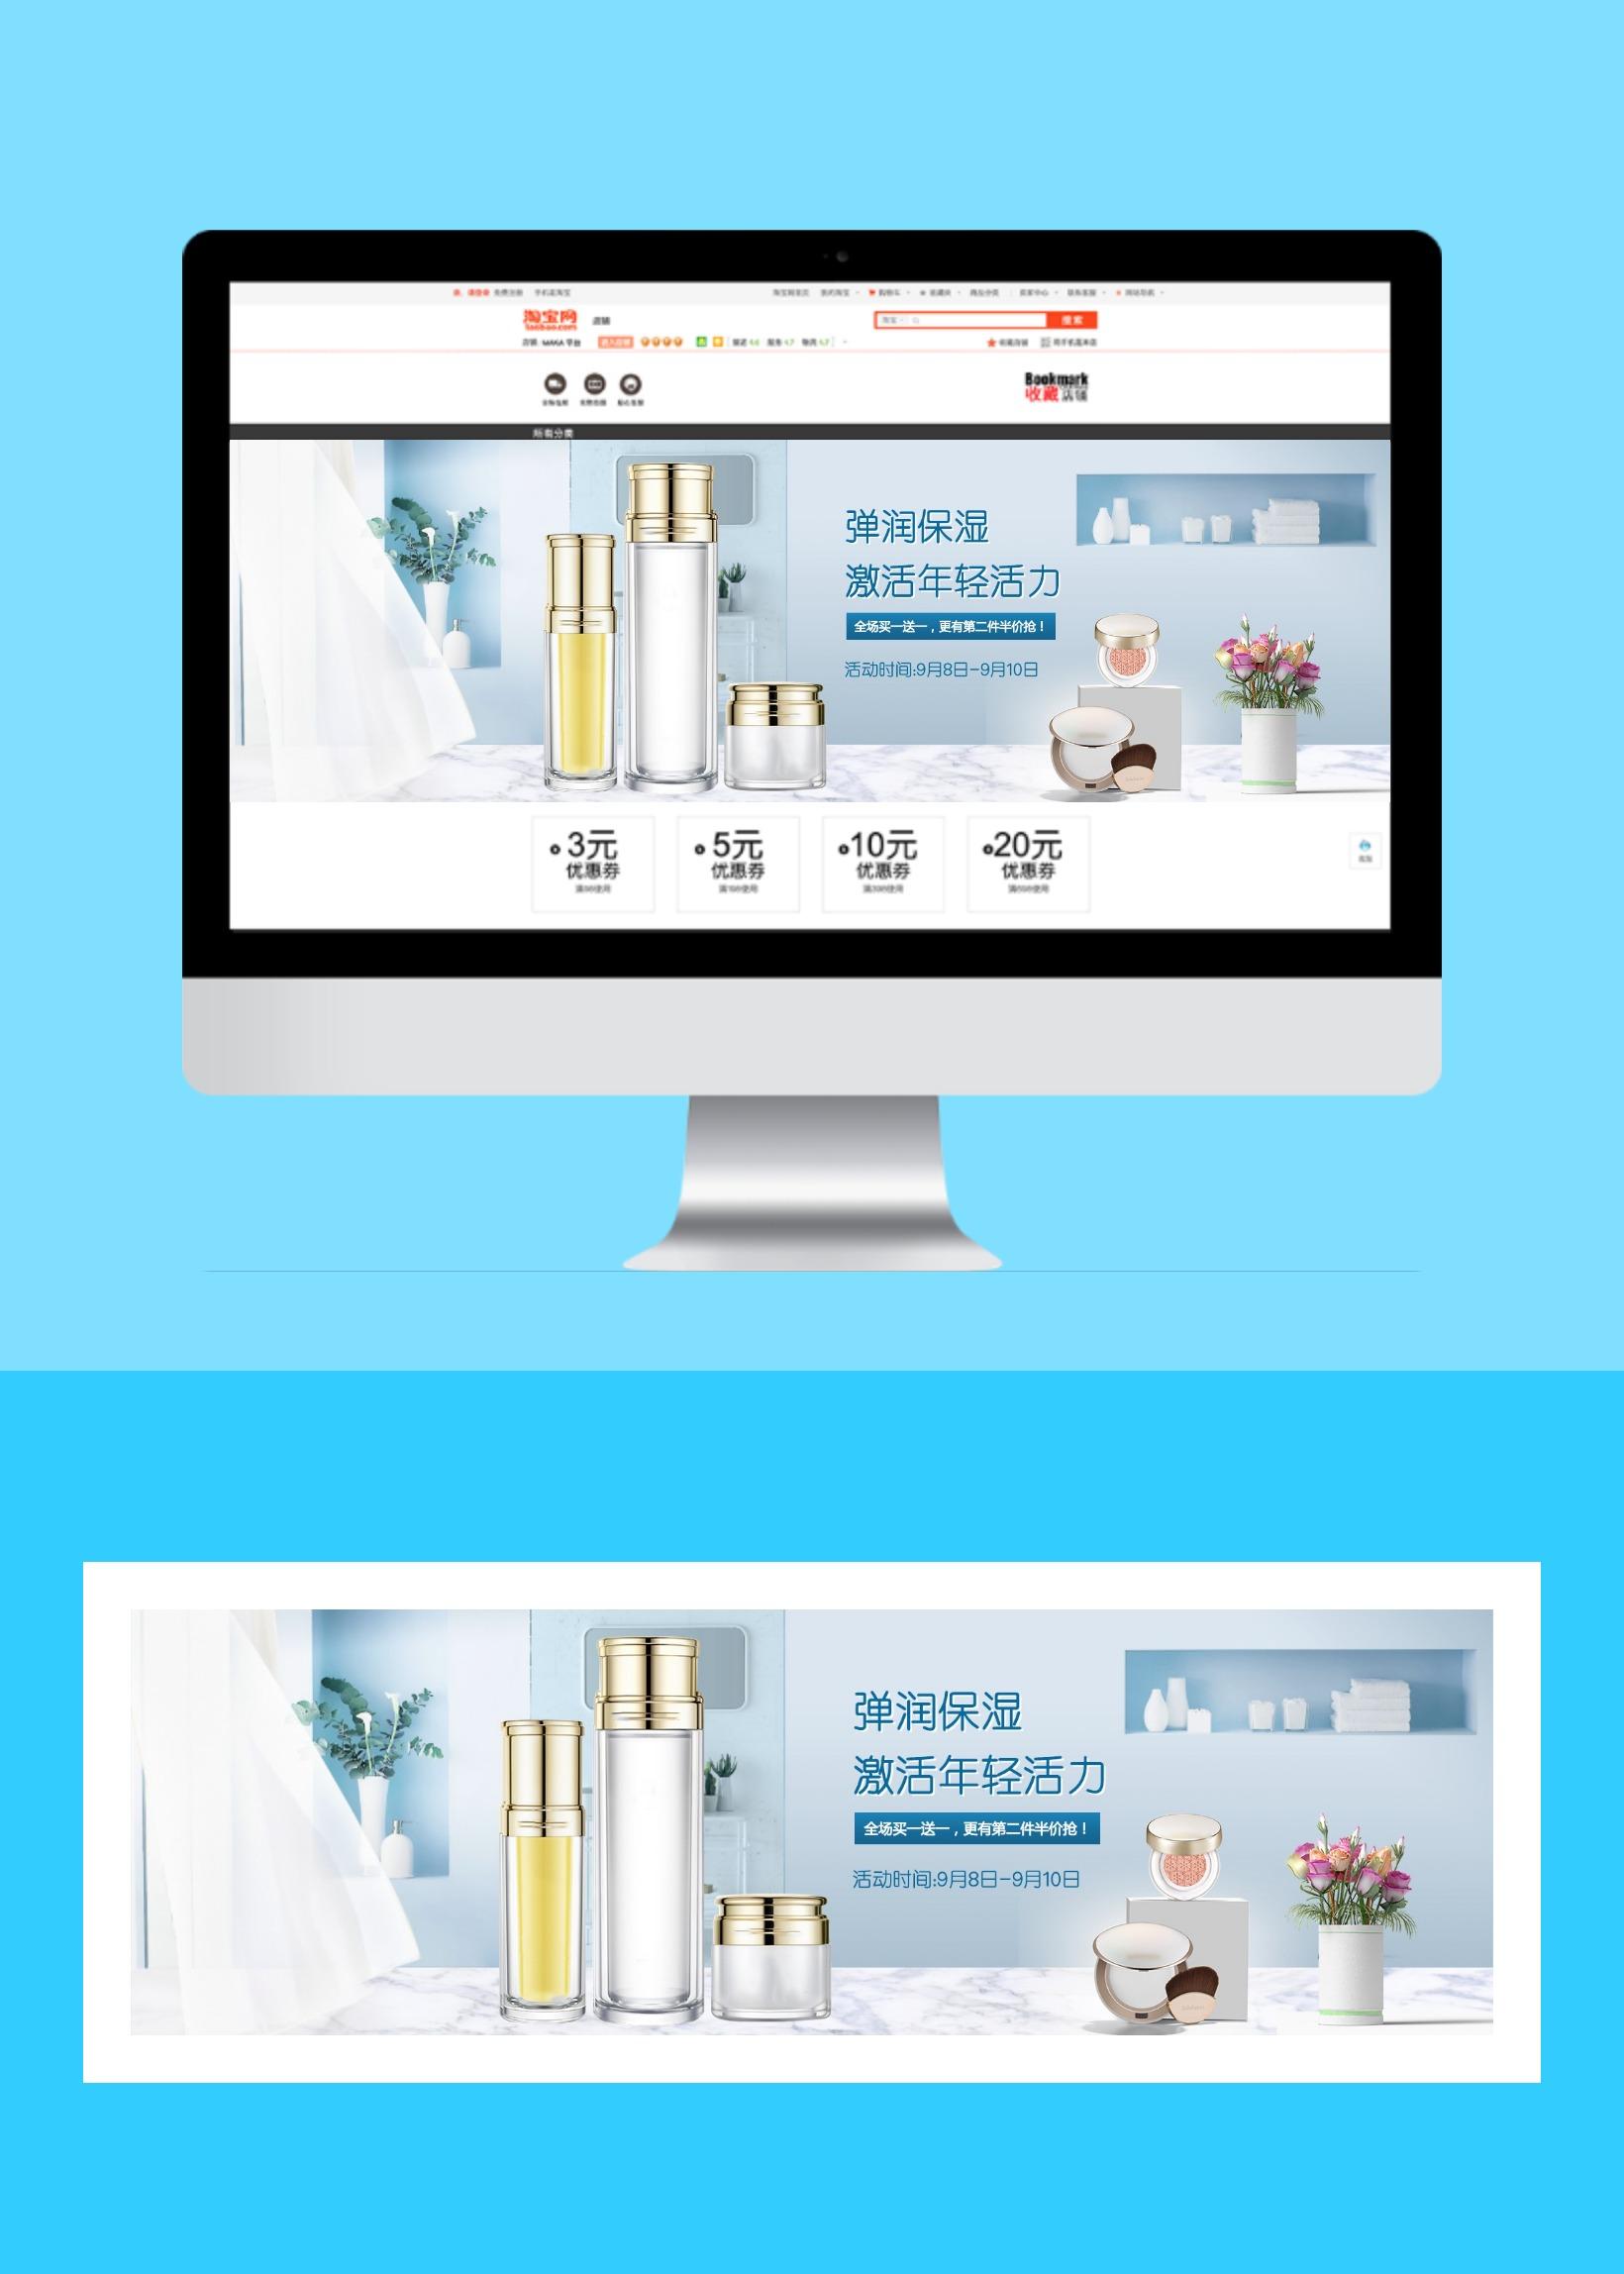 电商简约小清新护肤化妆品海报banner